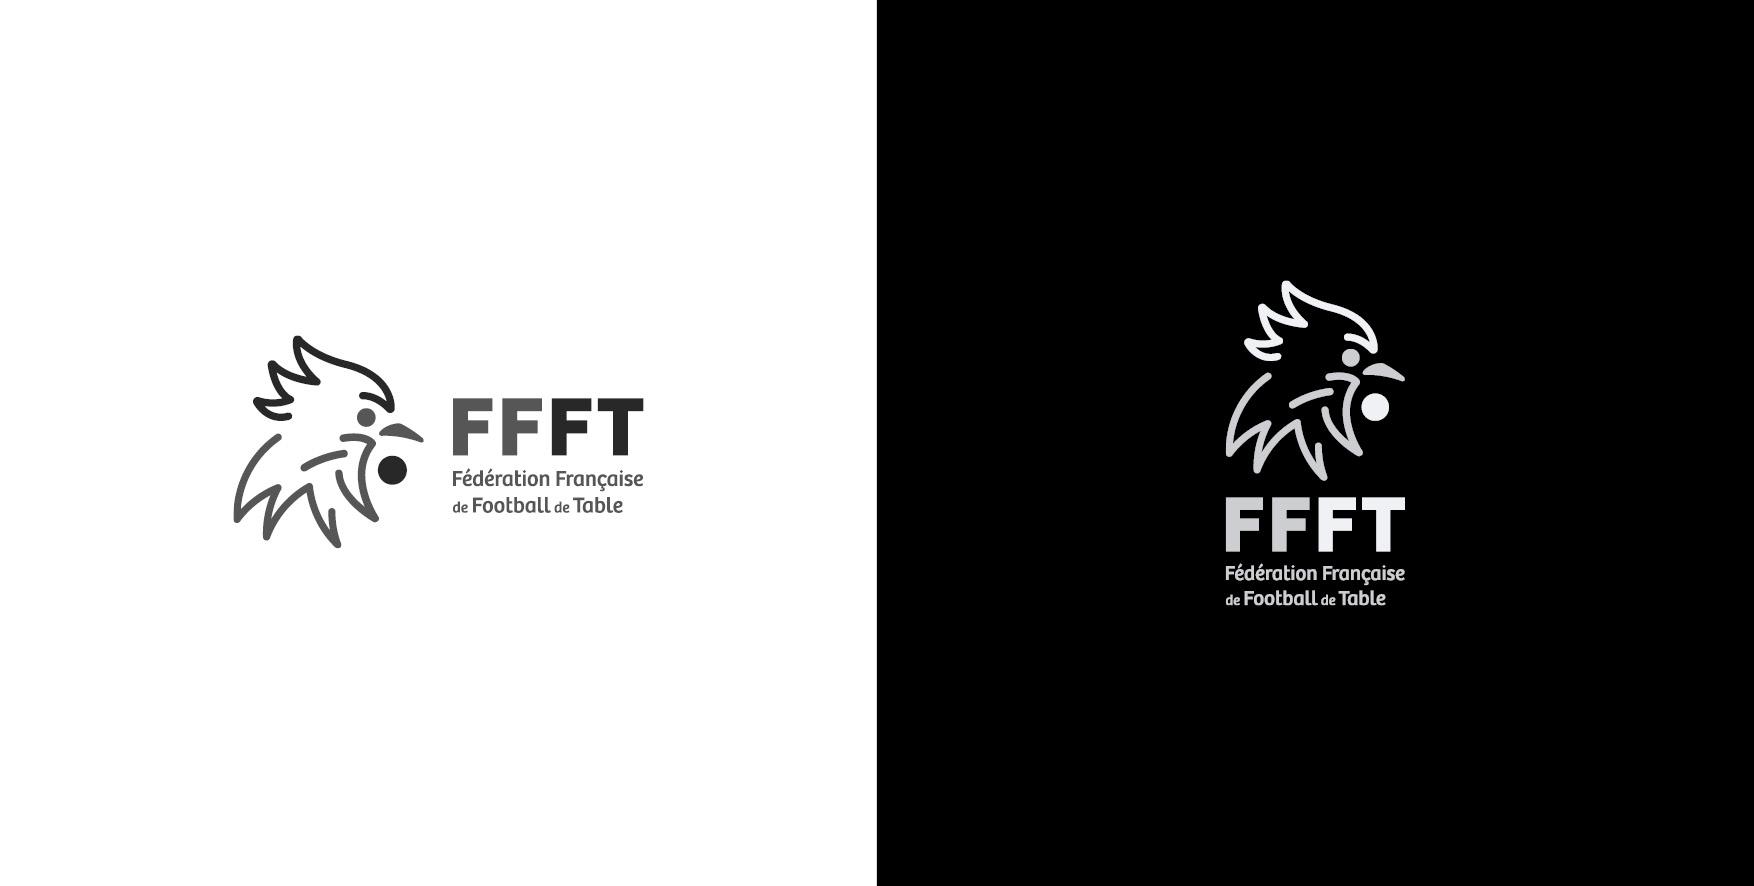 Ffft logotype Noir